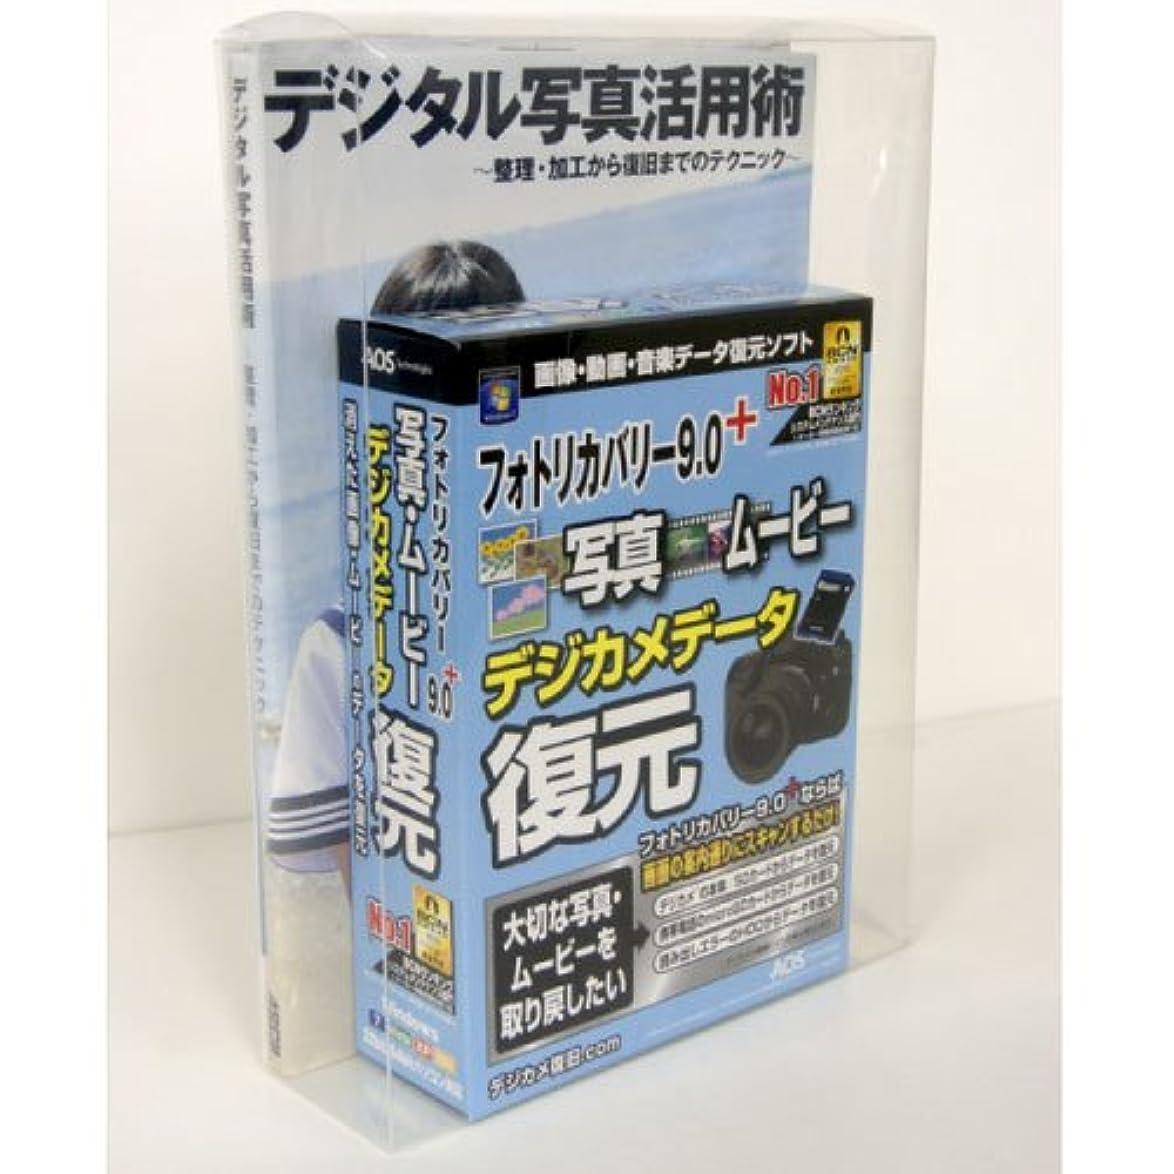 ブラジャー編集する担当者AOSデータ フォトリカバリー9.0plus デジタル写真活用術書籍セット